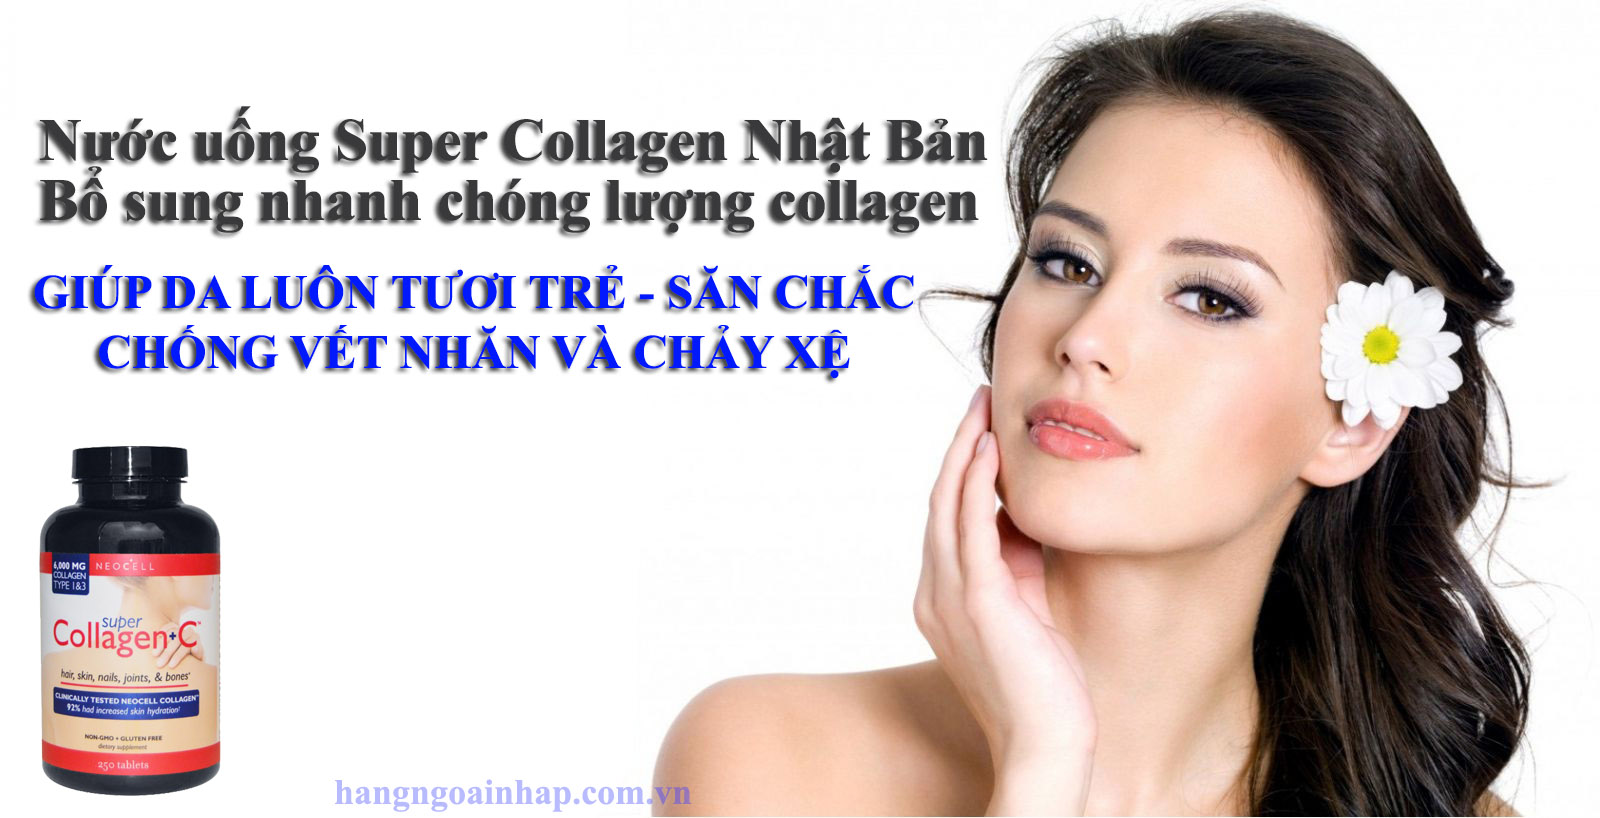 công dụng của super collagen nhật bản